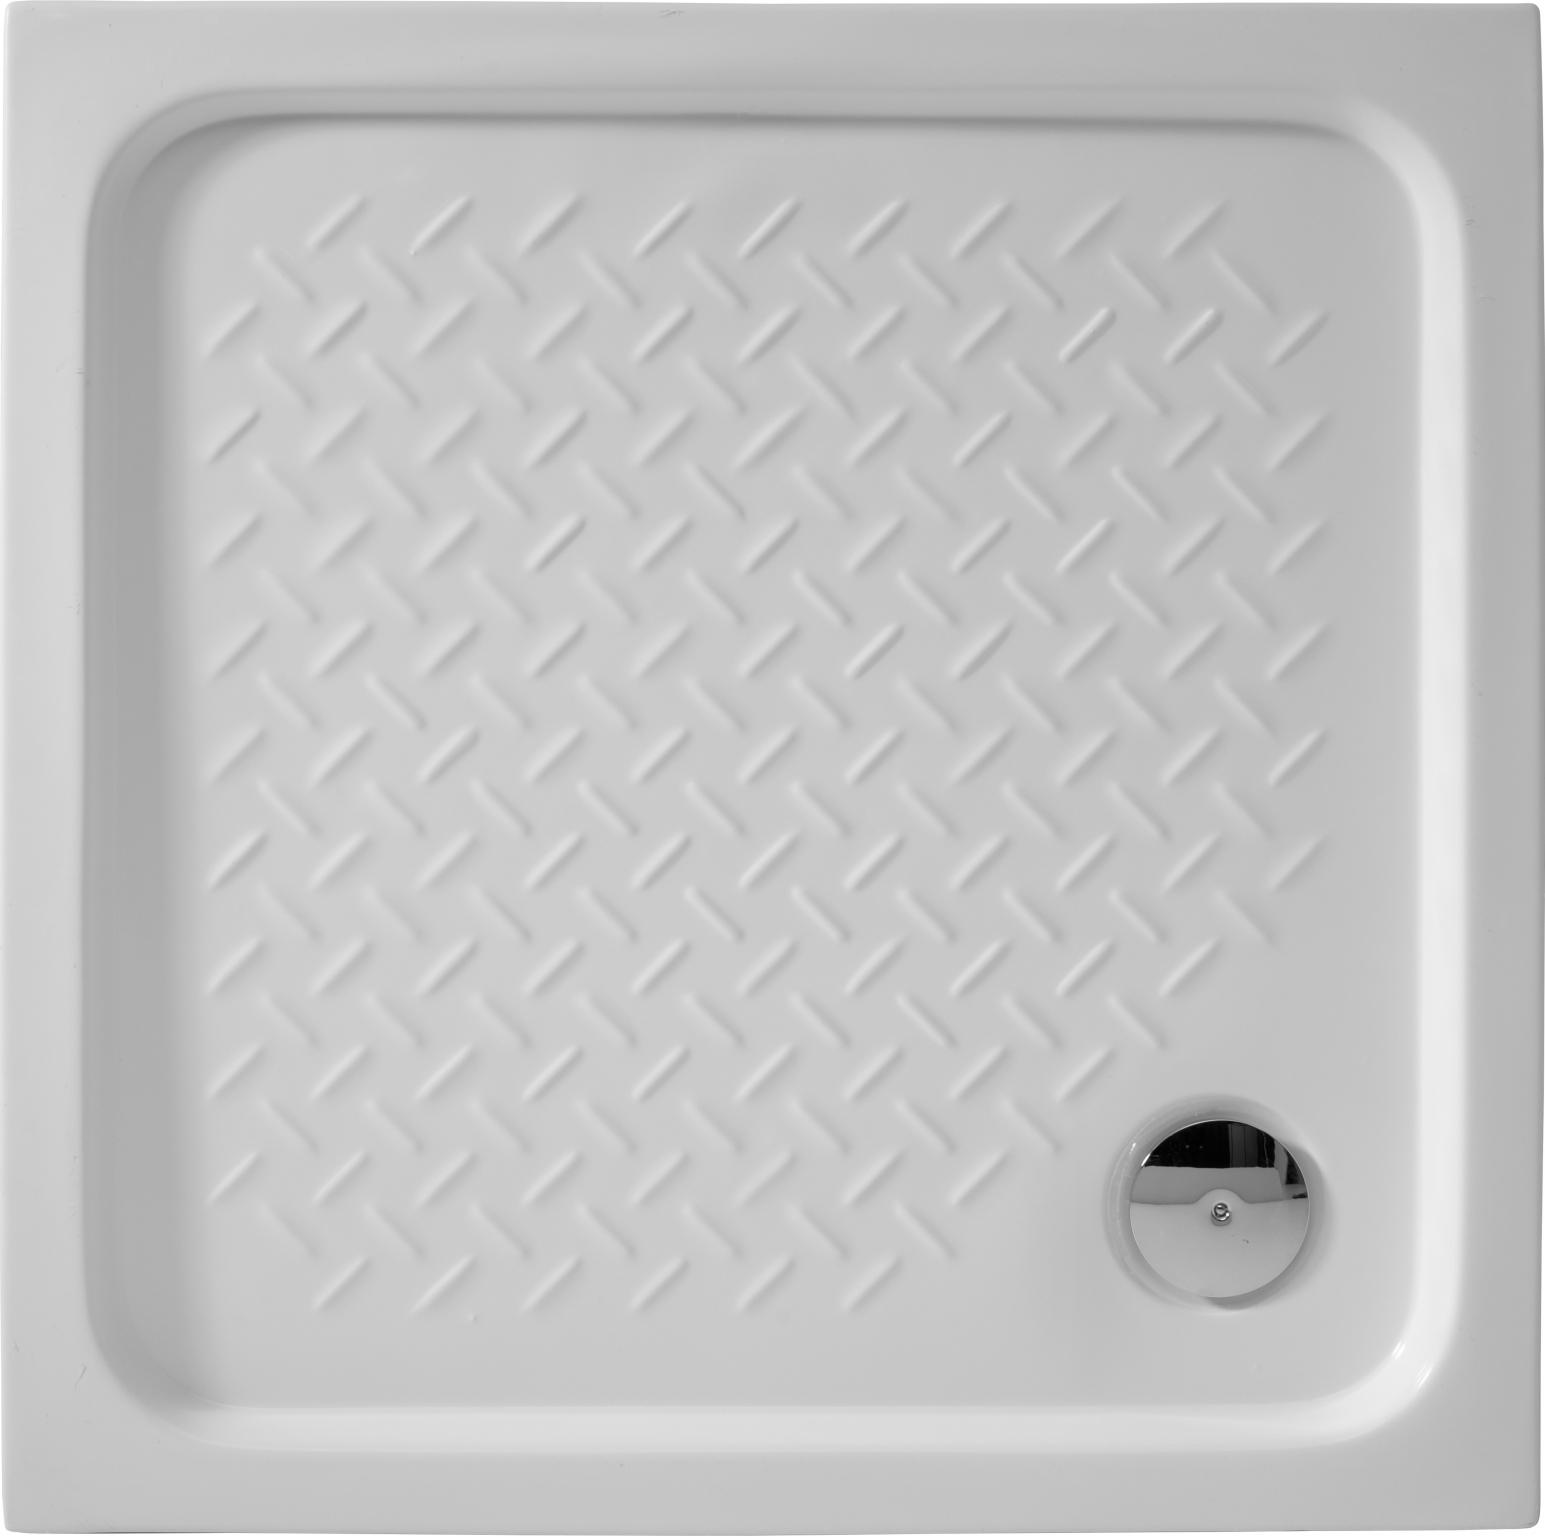 Квадратный душевой поддон De Aqua  80x80 см (APD8080-4)